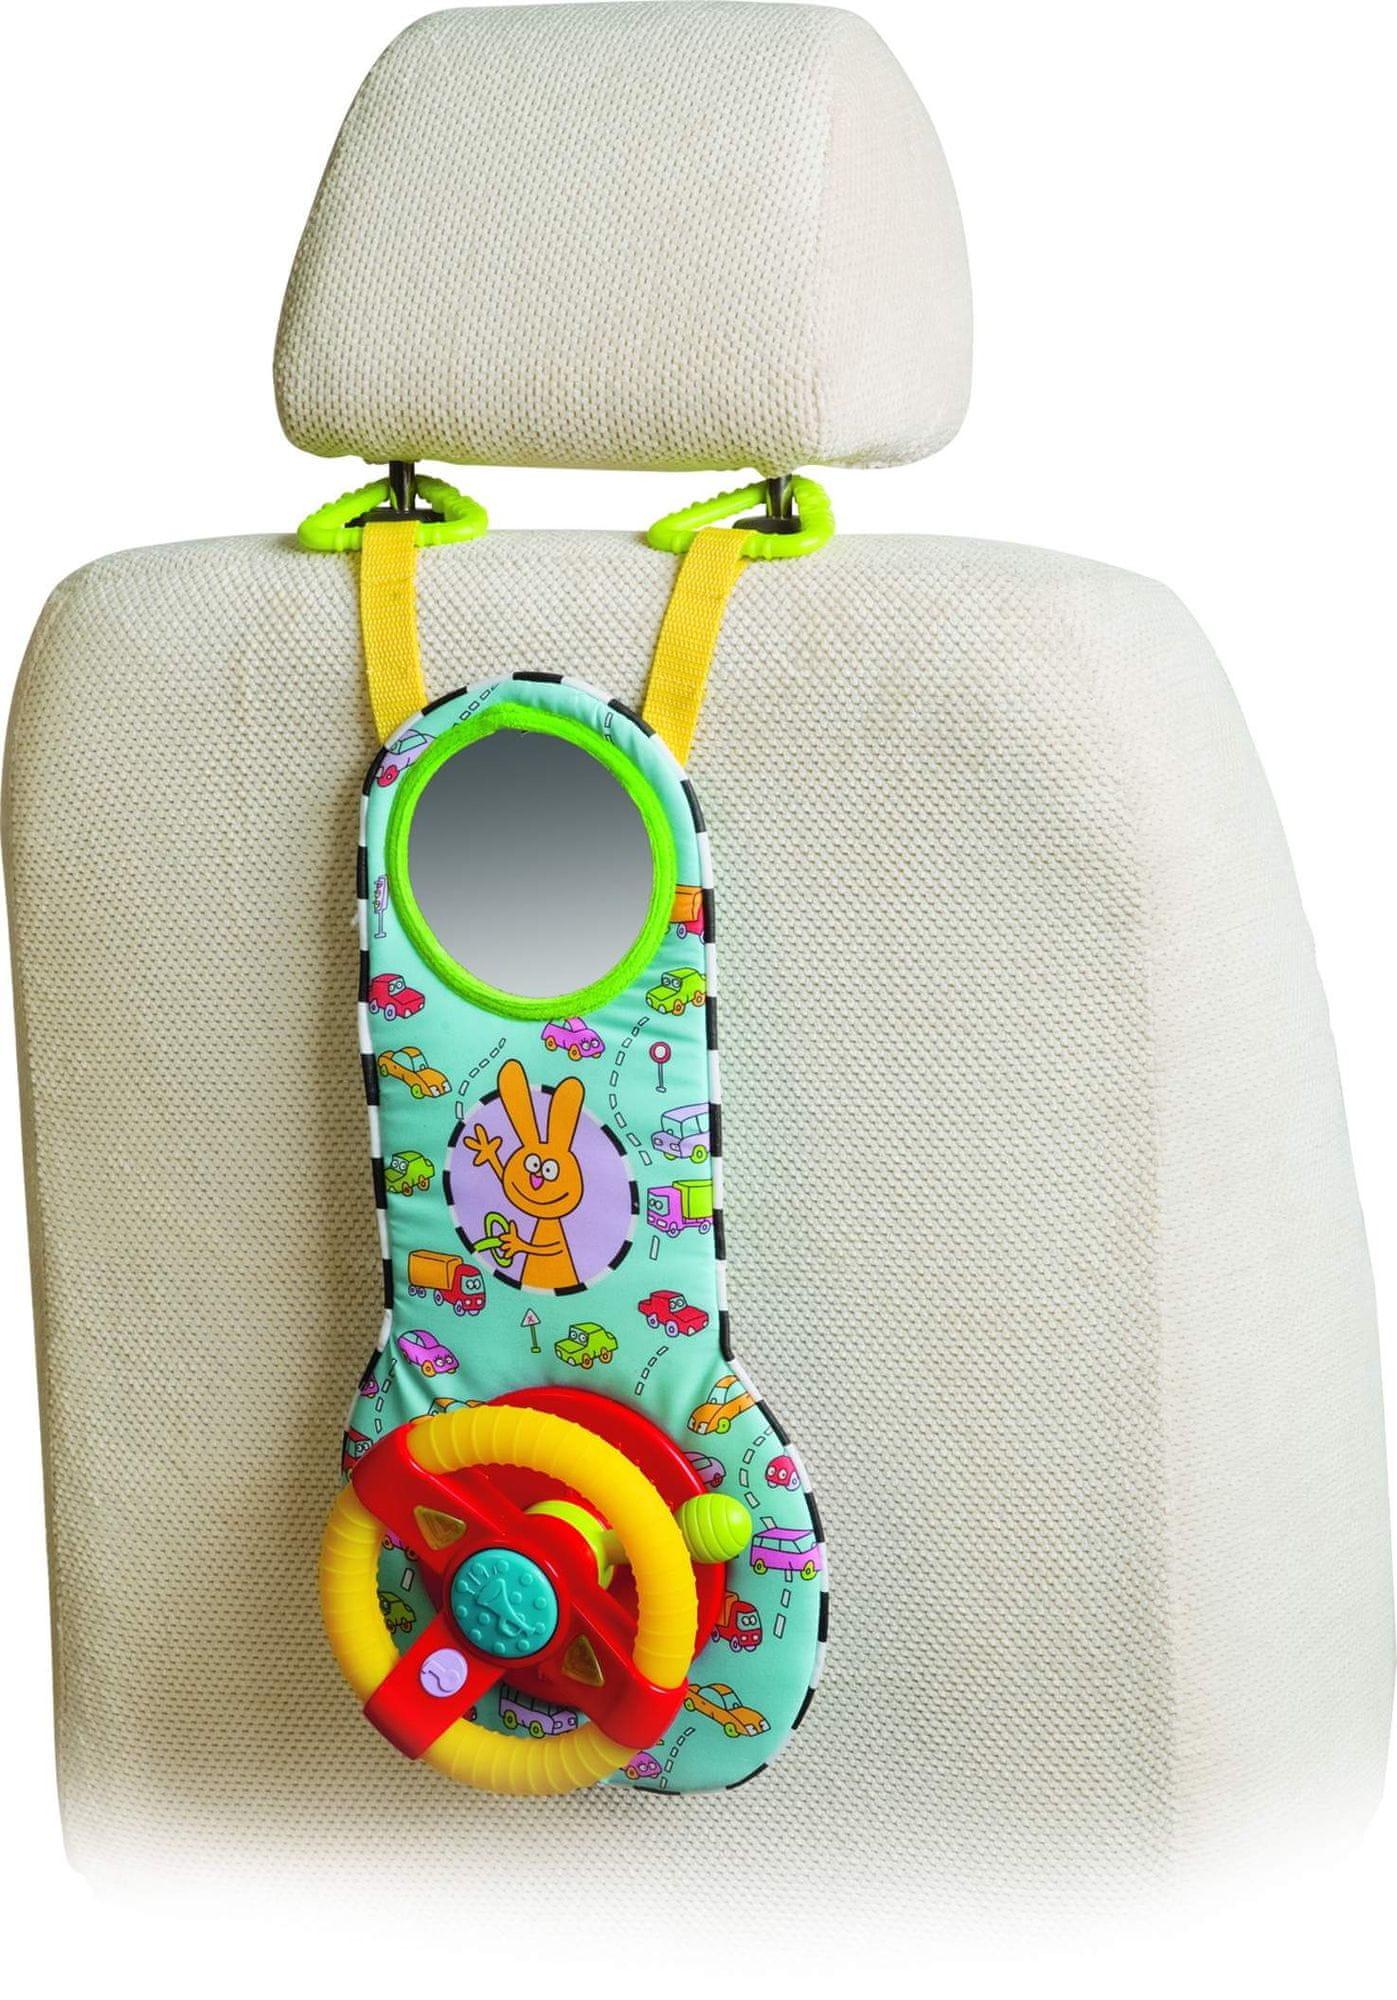 Taf Toys Kierownica dziecięca do samochodu, 12m+